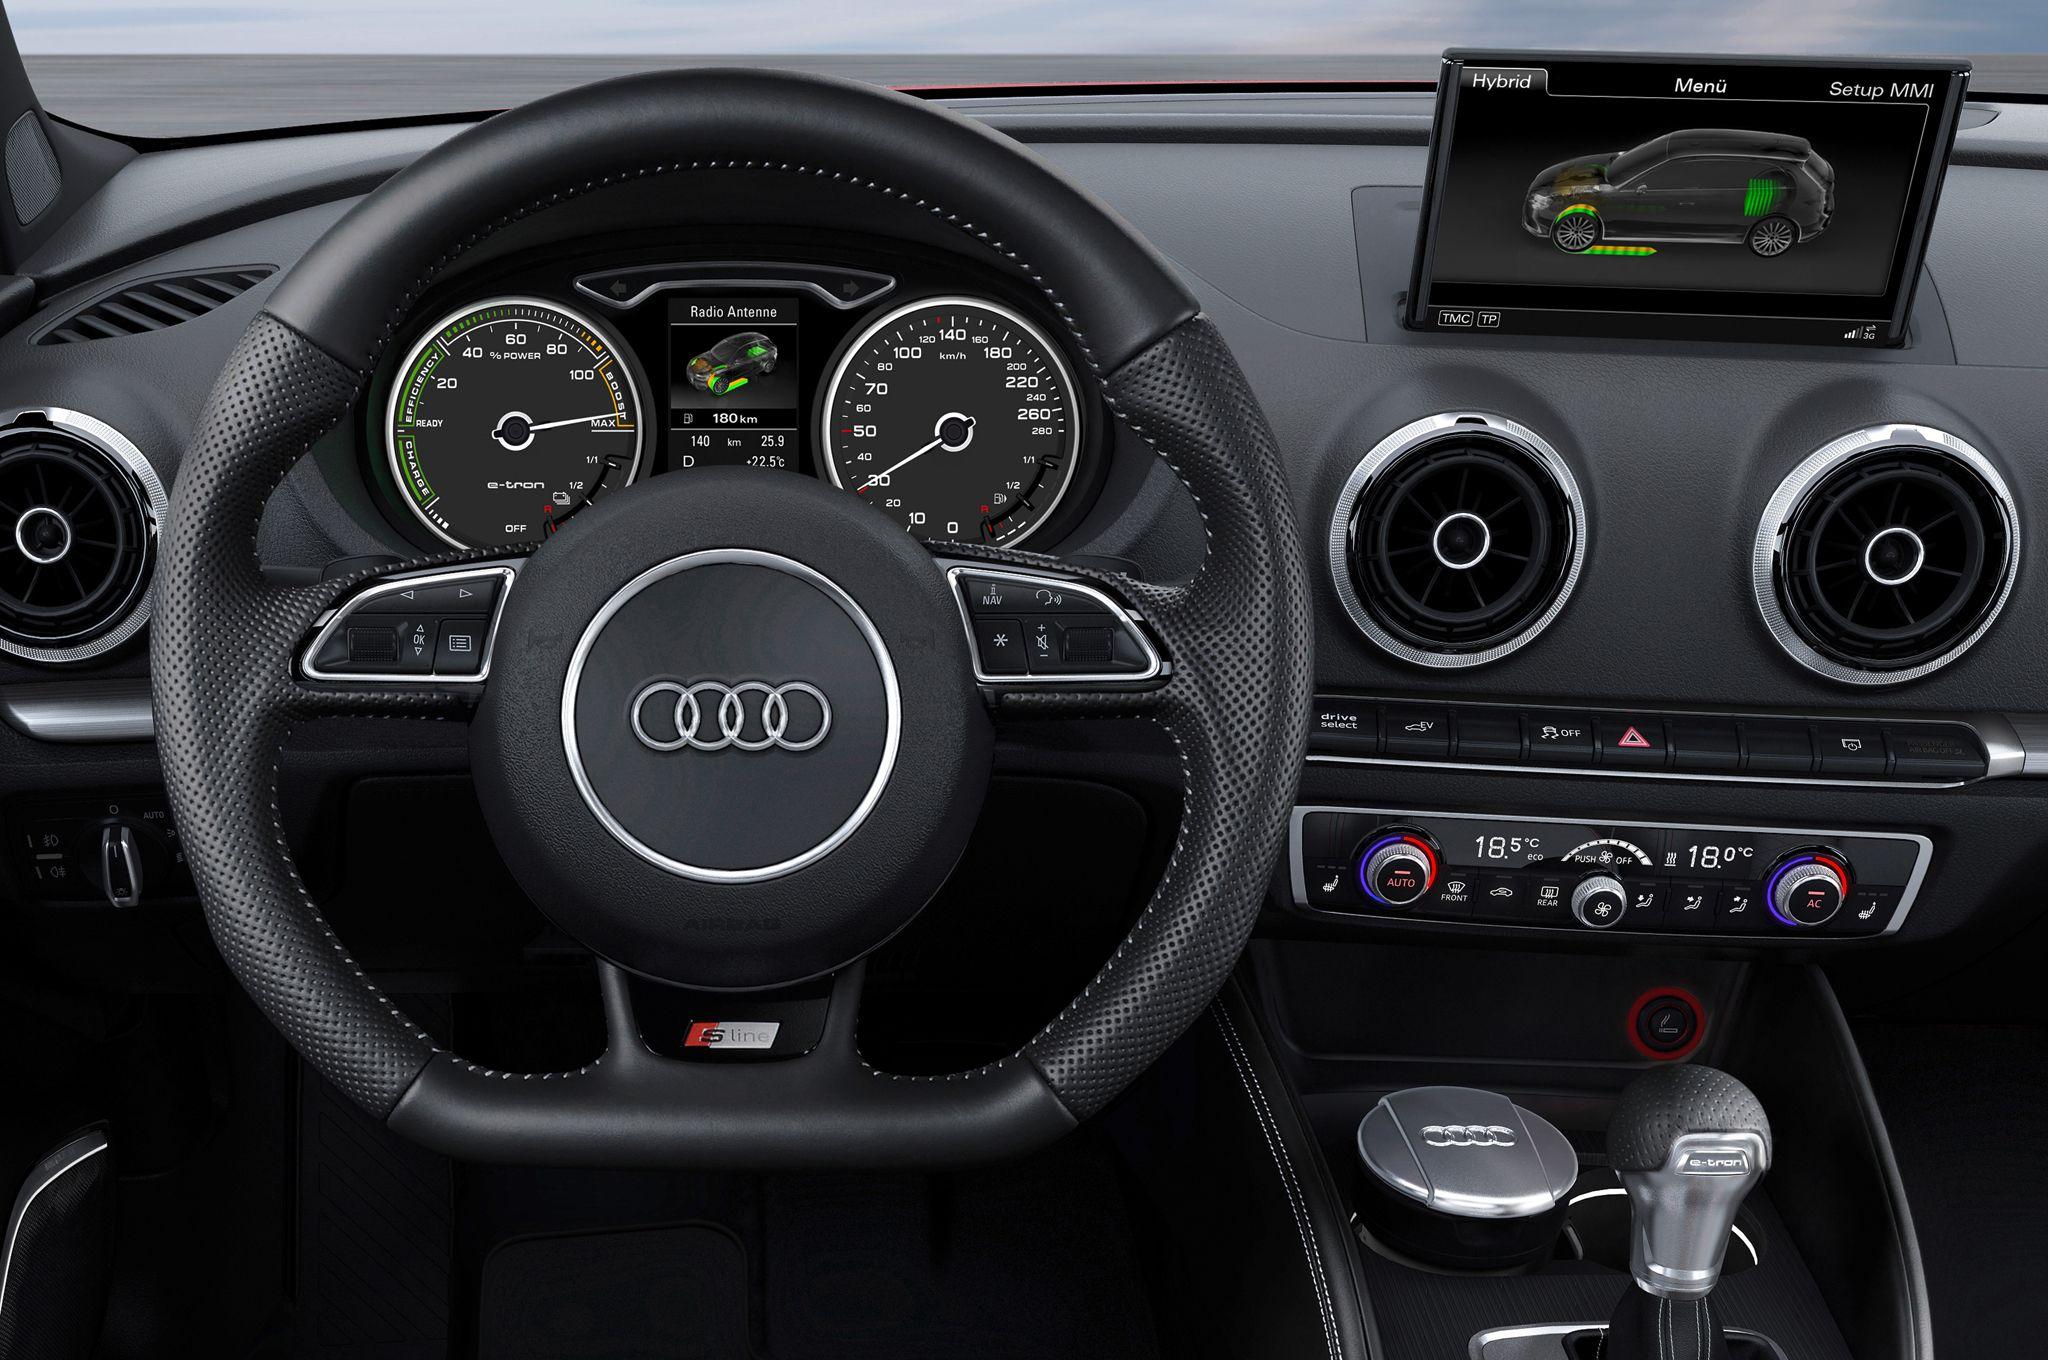 2015 Audi A3 E Tron Interior Prototype Photo Gallery Audi A3 Sportback Audi A3 Price Audi A3